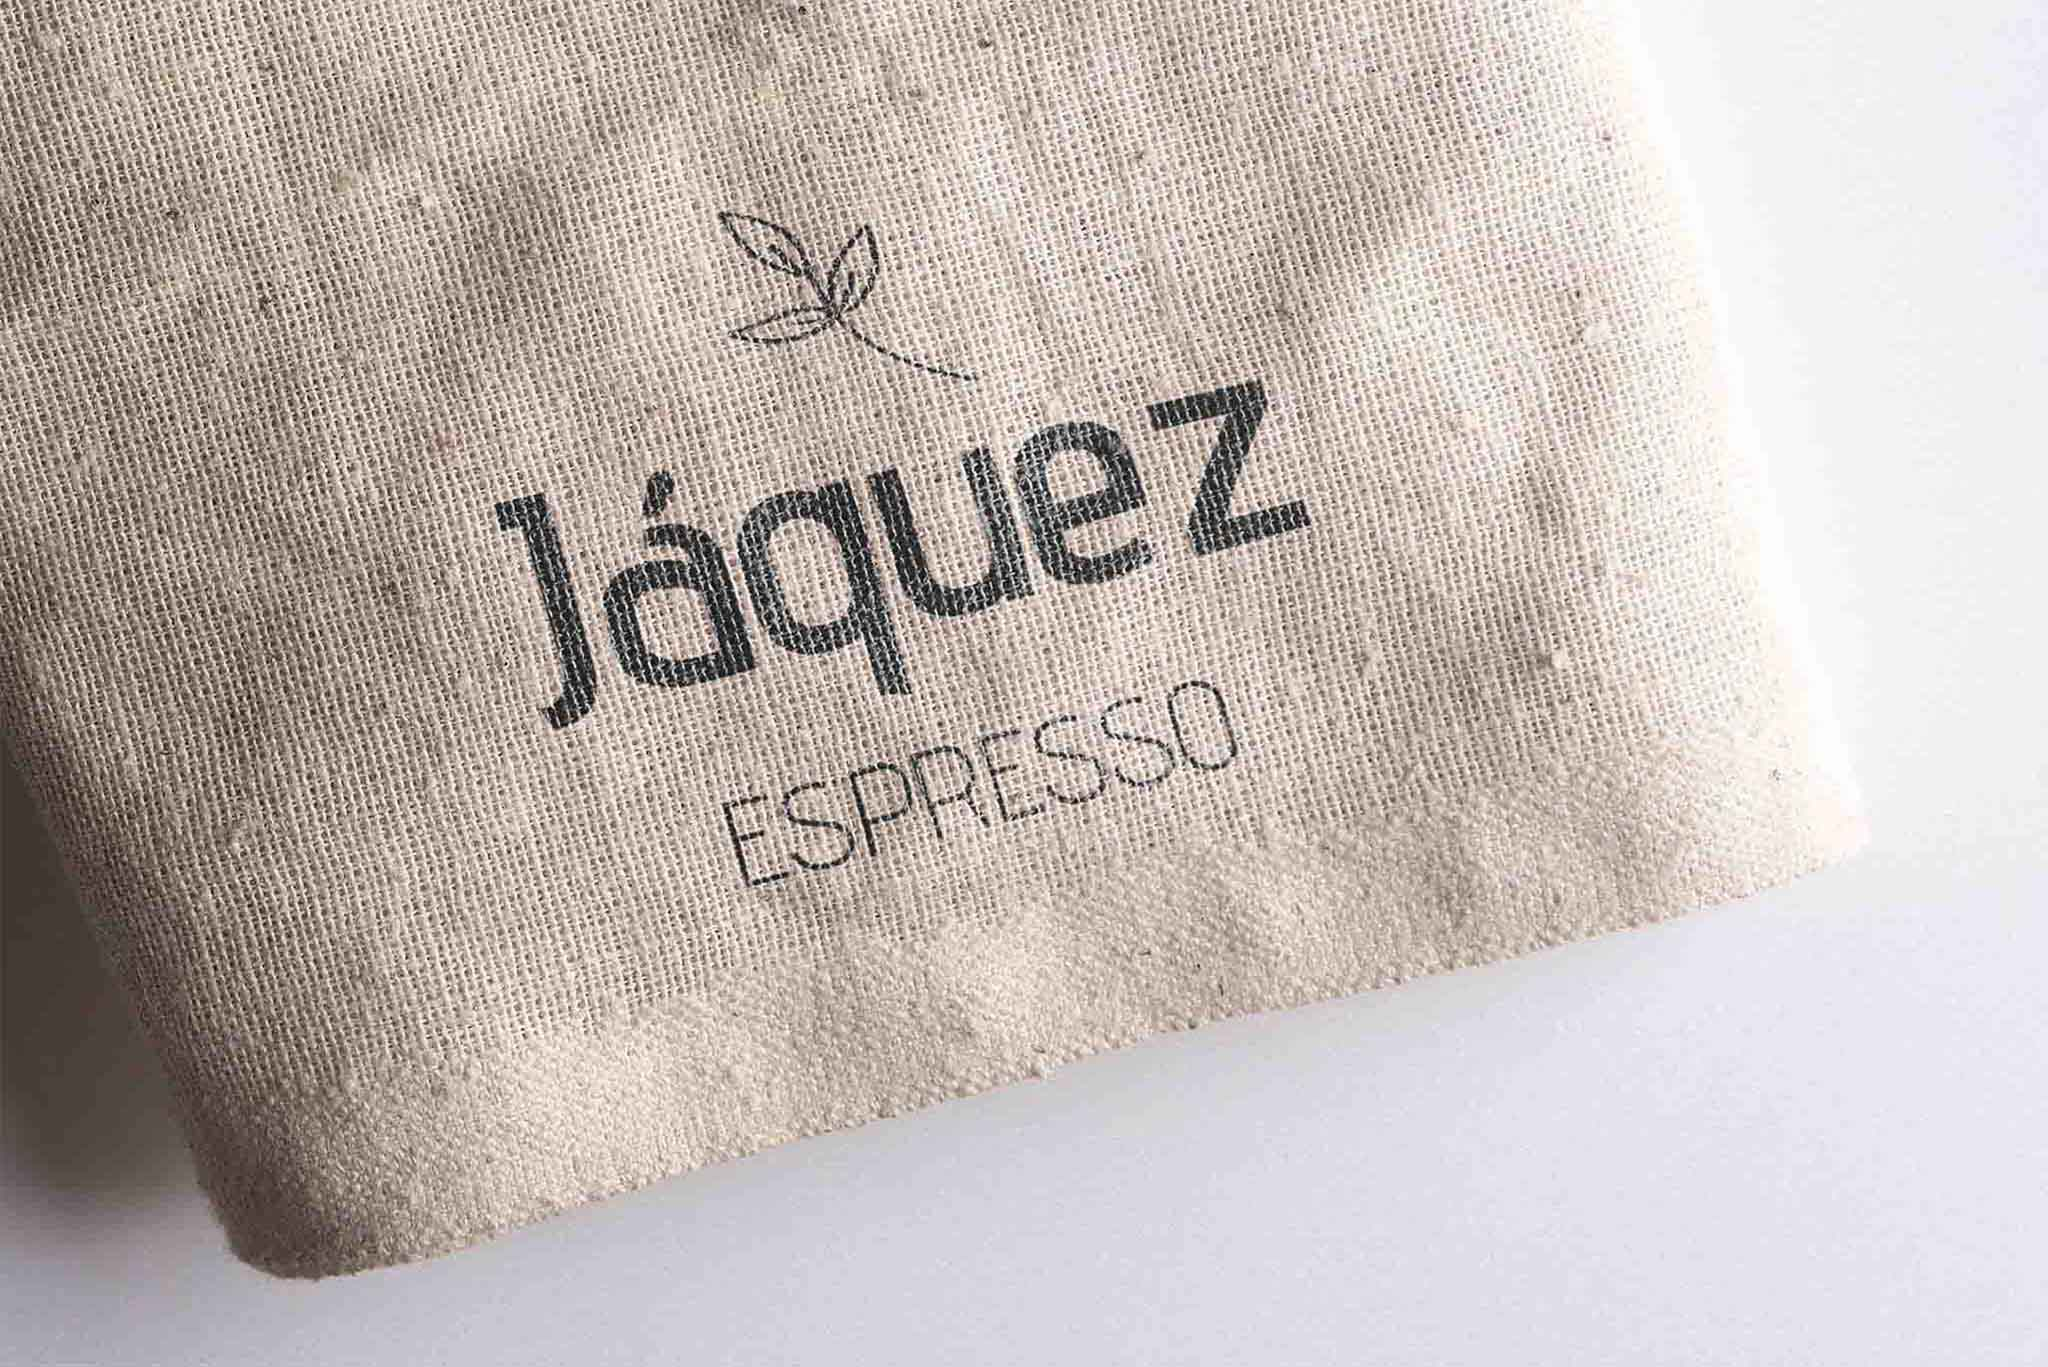 Jáquez Expresso Coffe Logo on Linen Bag